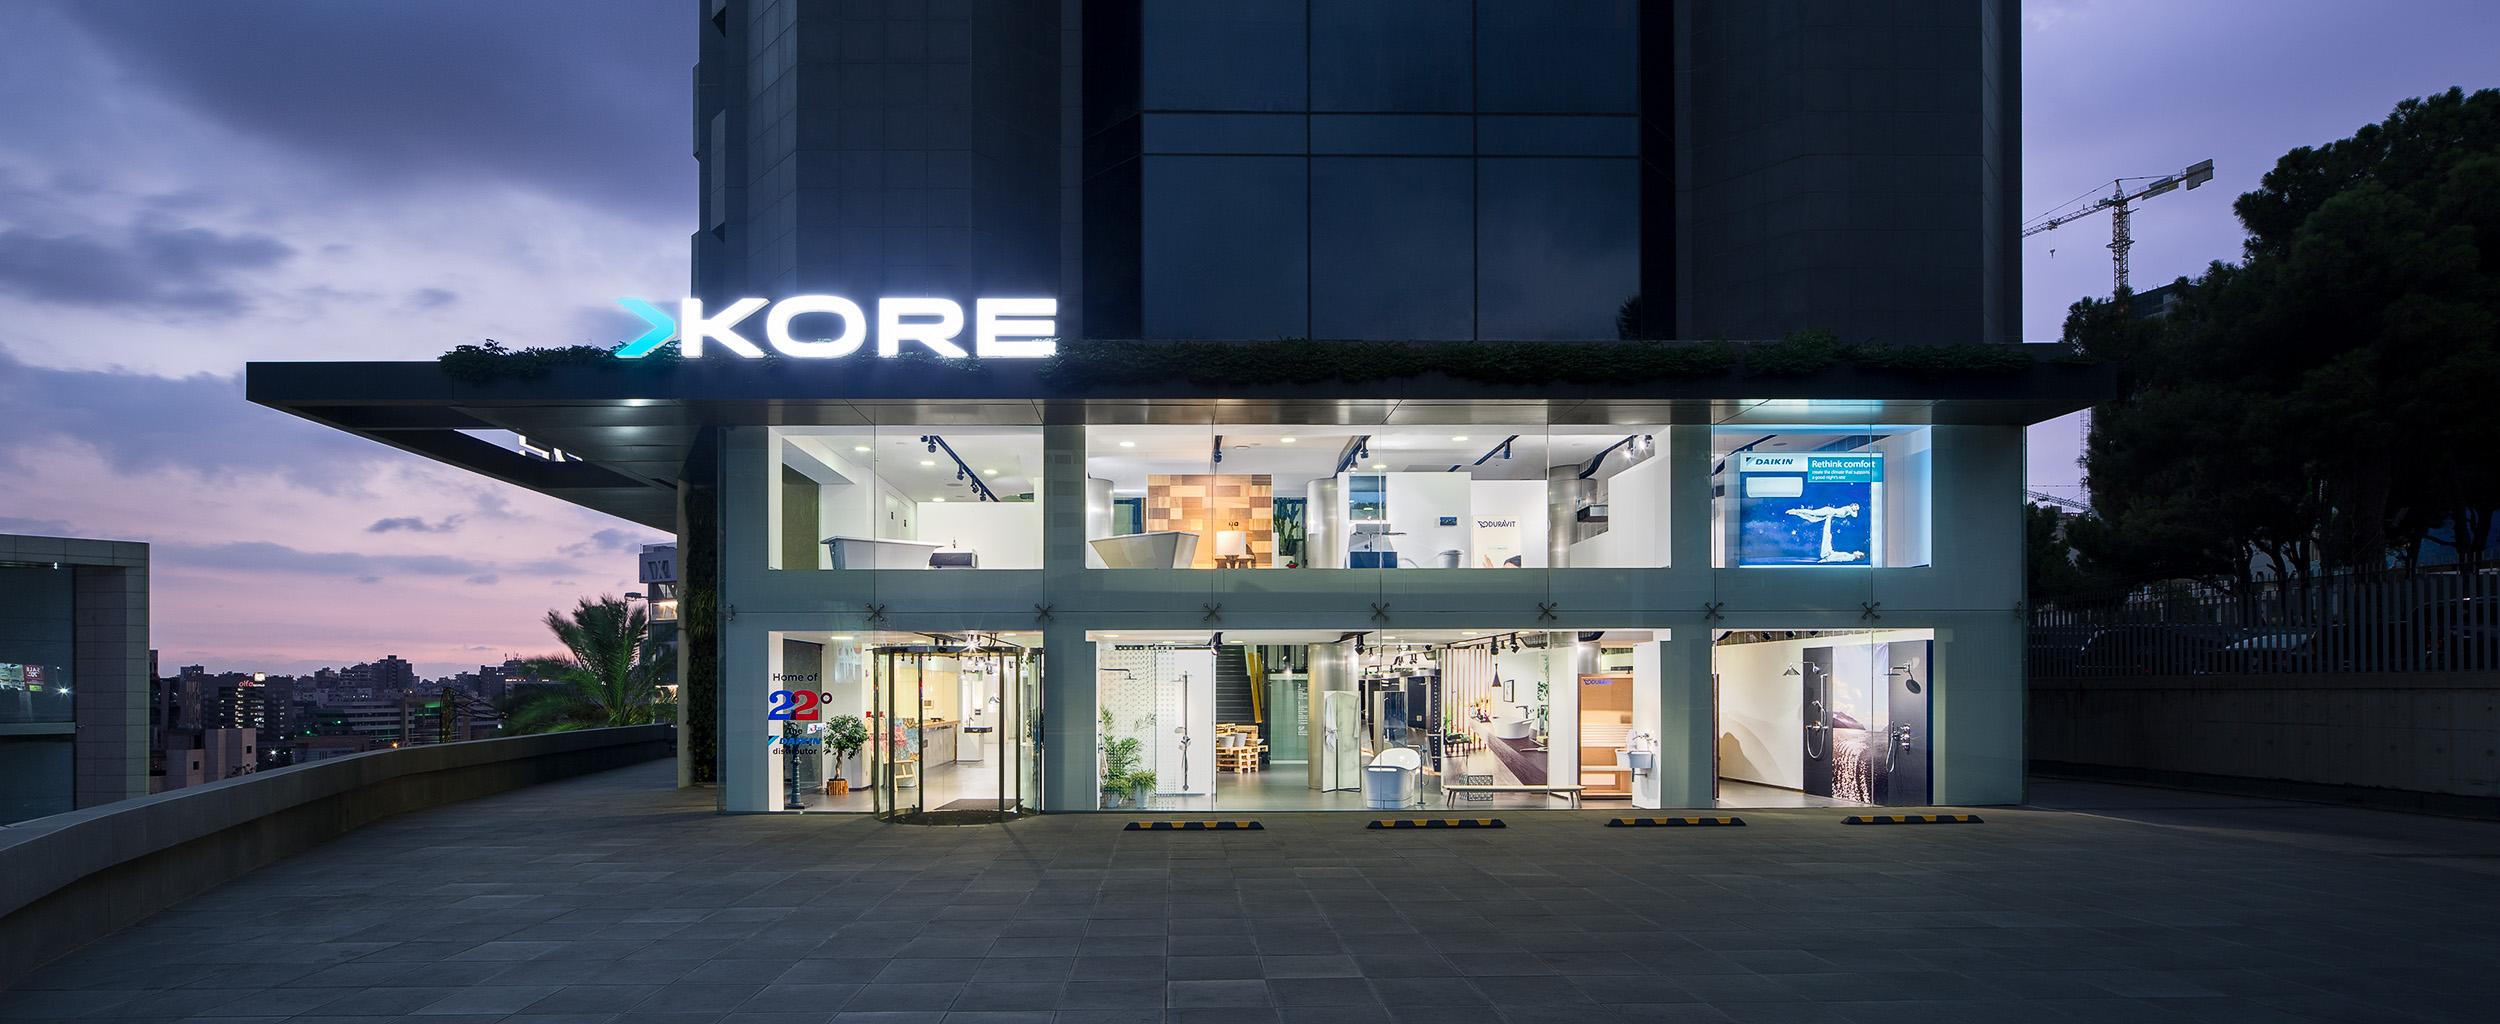 MR - Kore (_Q4A9541).jpg